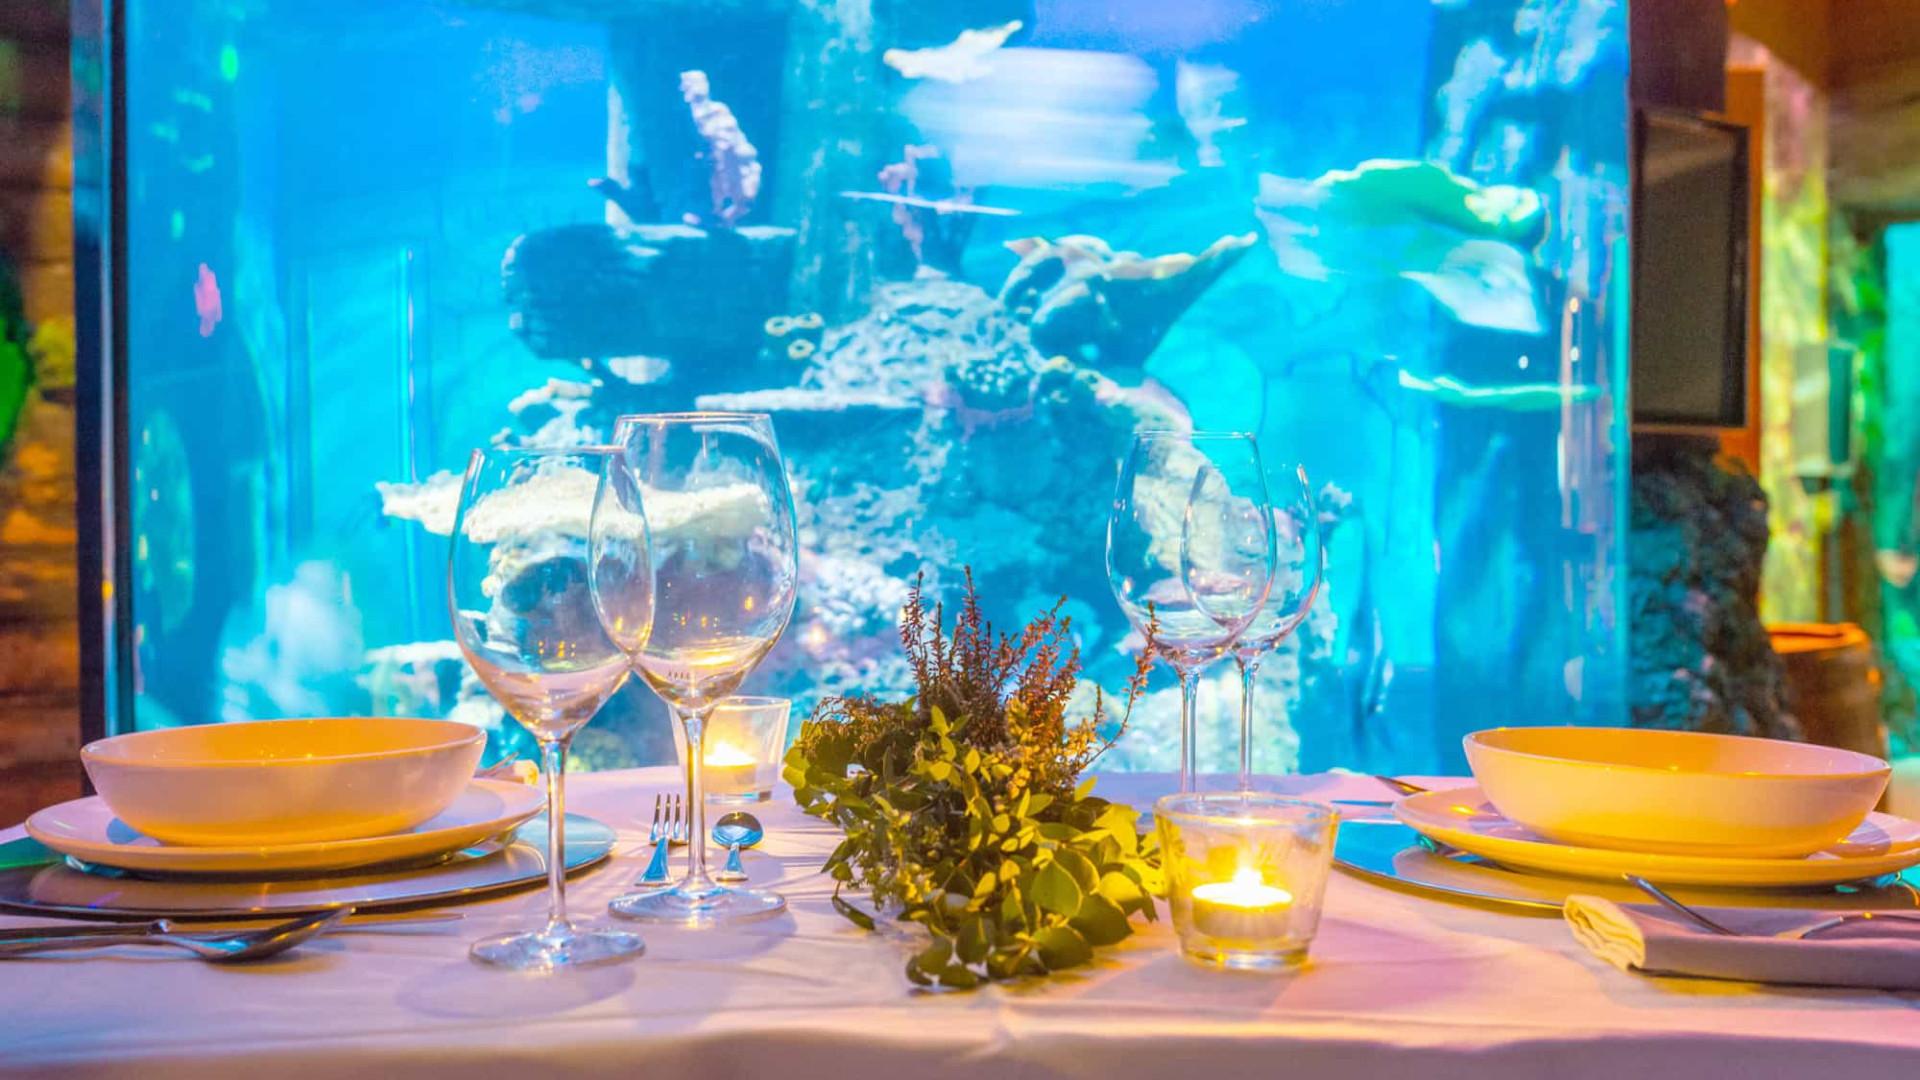 O SEA LIFE convida-o para um jantar de São Valentim 'debaixo de água'